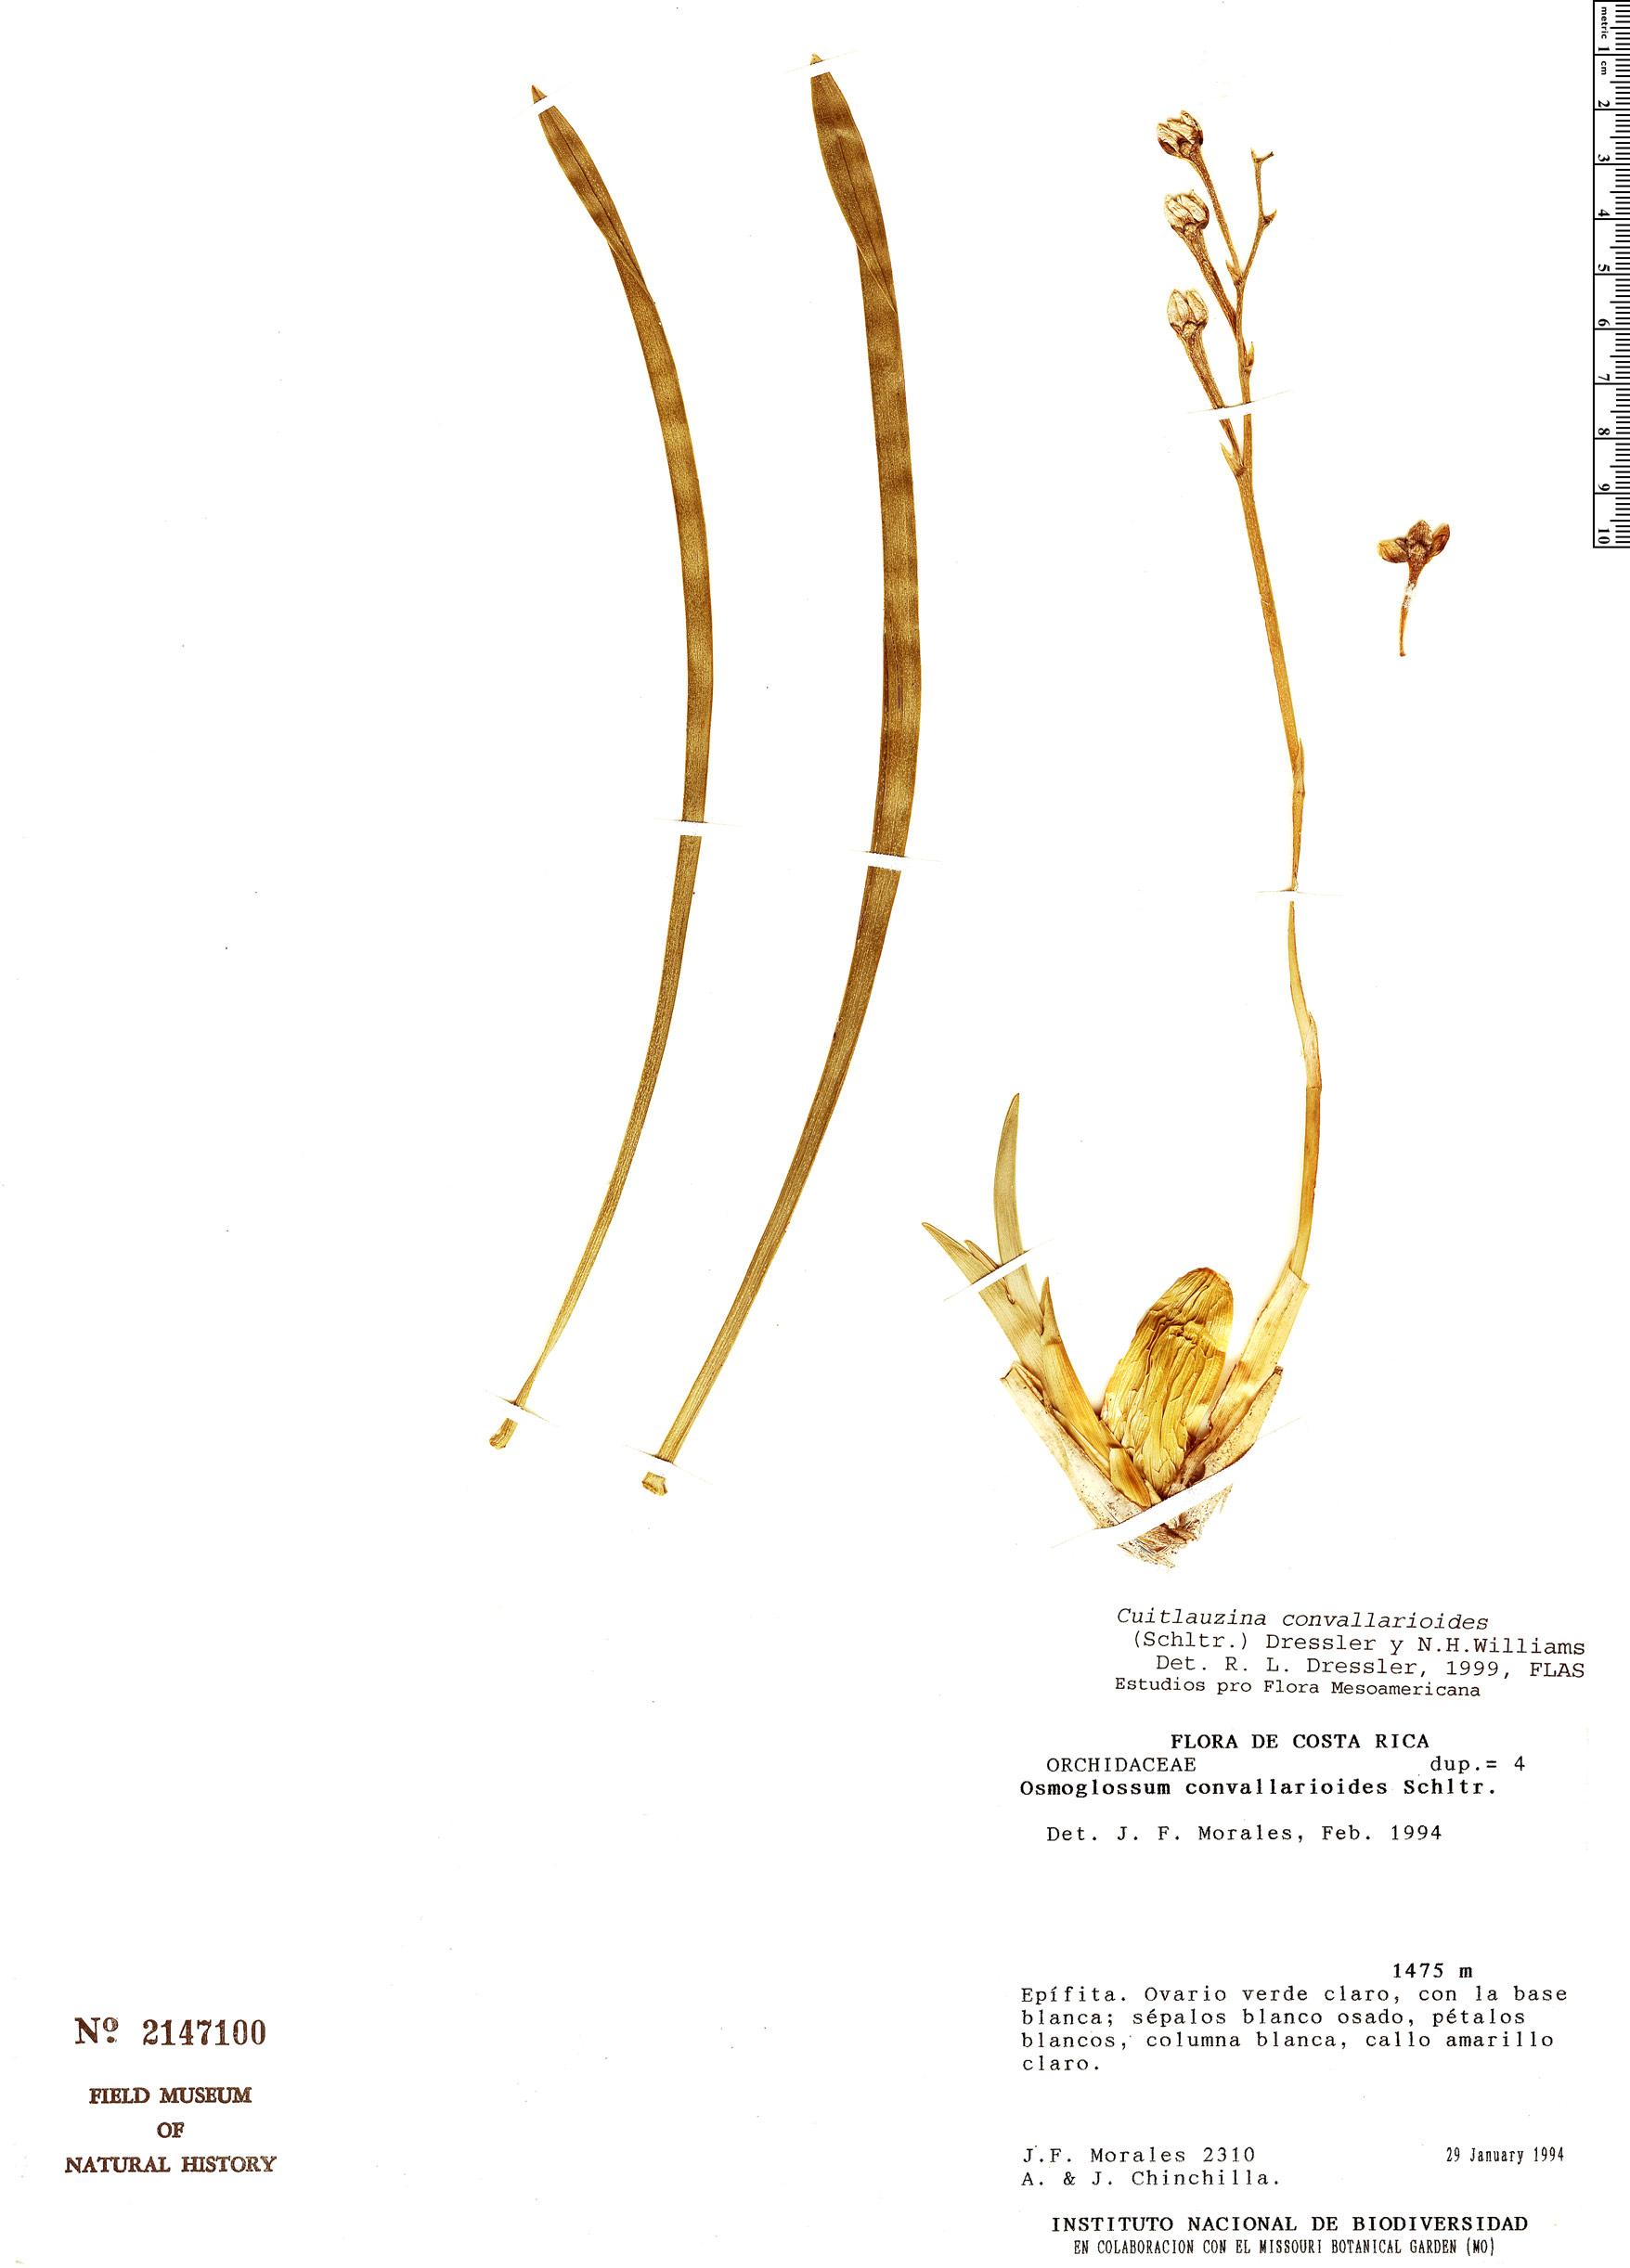 Specimen: Cuitlauzina convallarioides